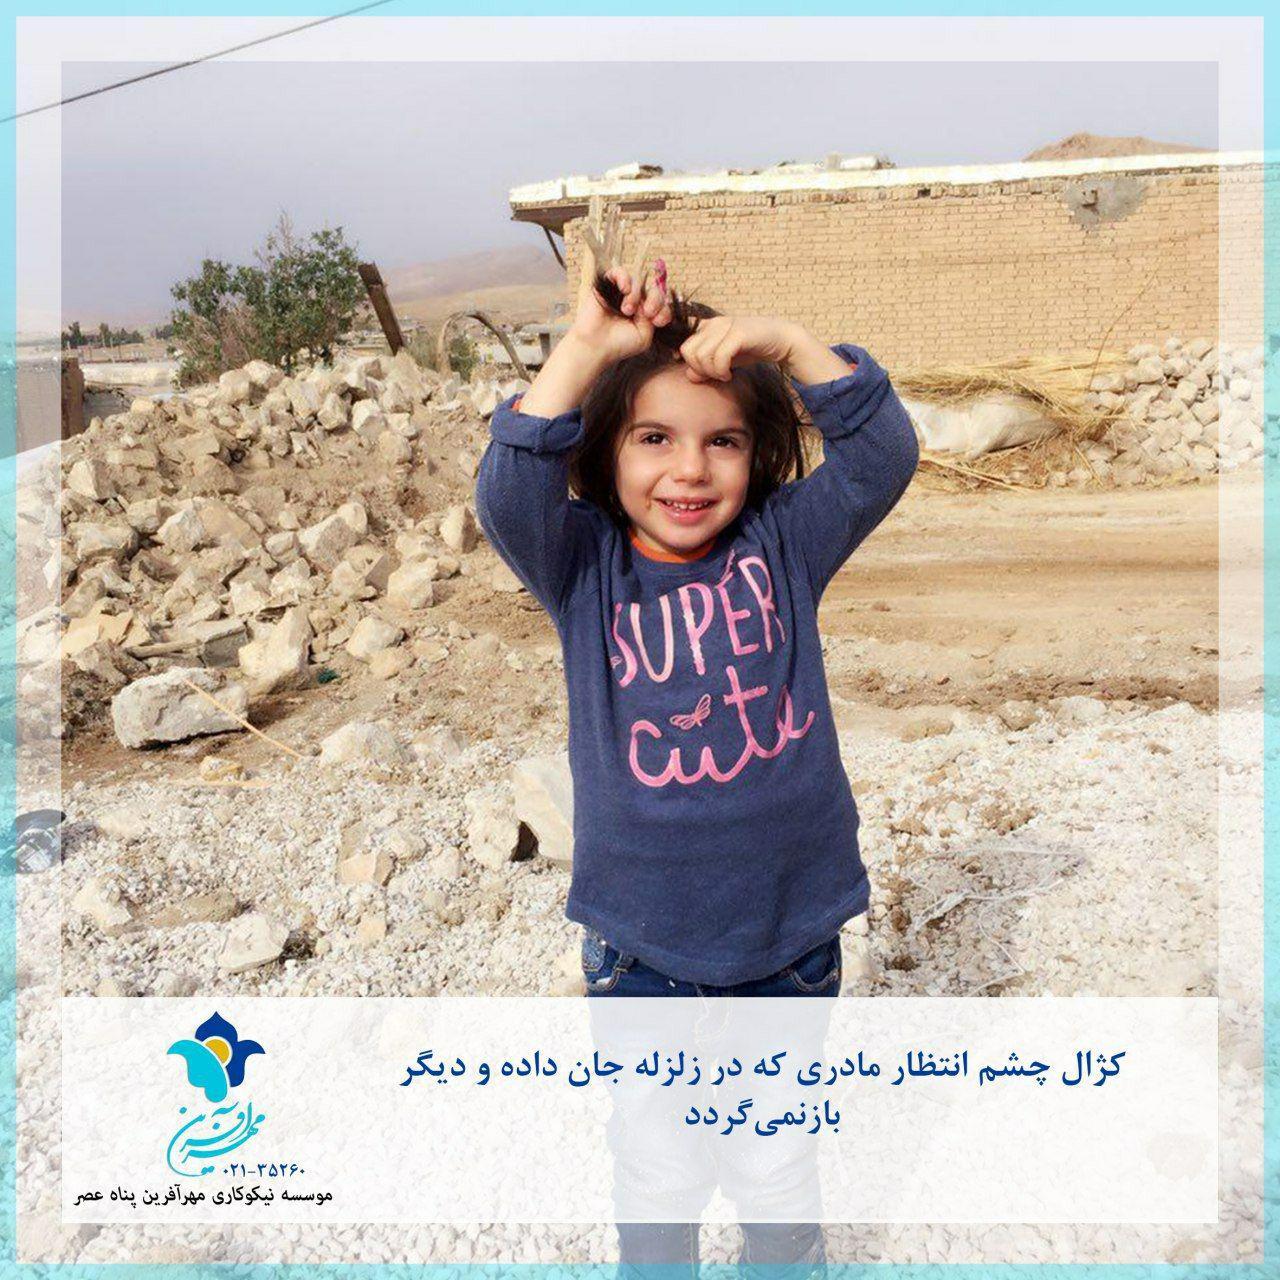 روایت مددکار مهرآفرین از «کژال» دختر۵ ساله زلزله زده